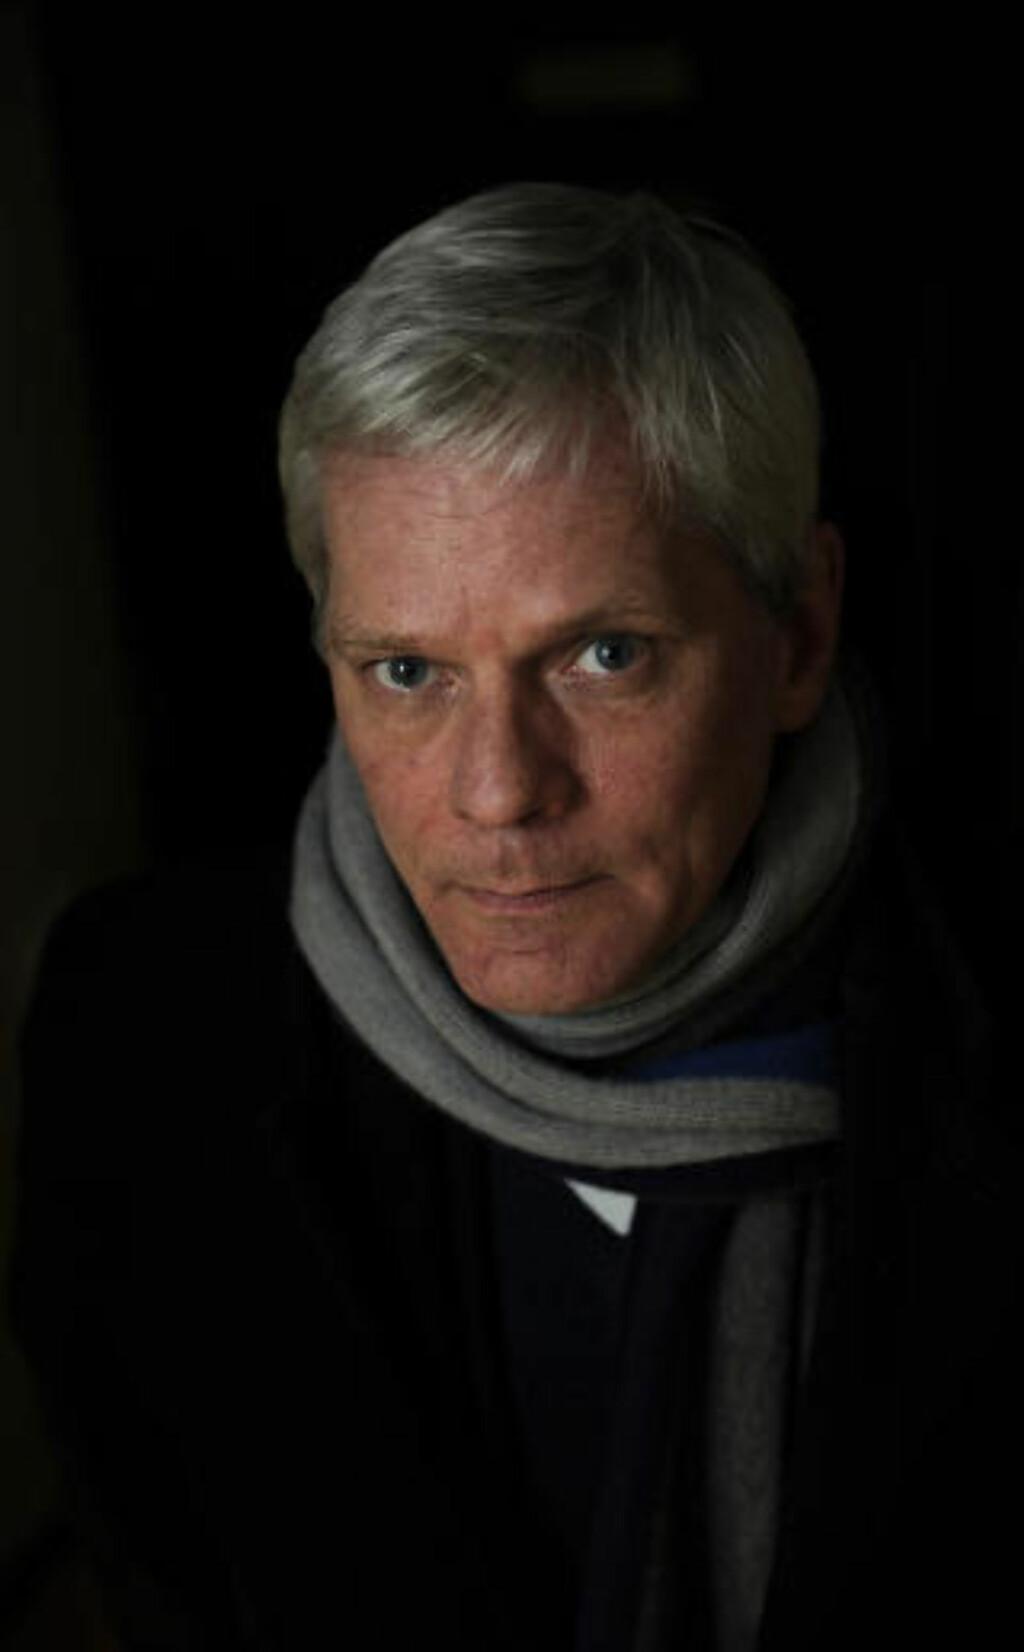 REAGERER STERKT: Wikileaks-talsmann Kristinn Hrafnsson sammenligner USA med Kina. Foto: Reuters/Paul Hackett/Scanpix